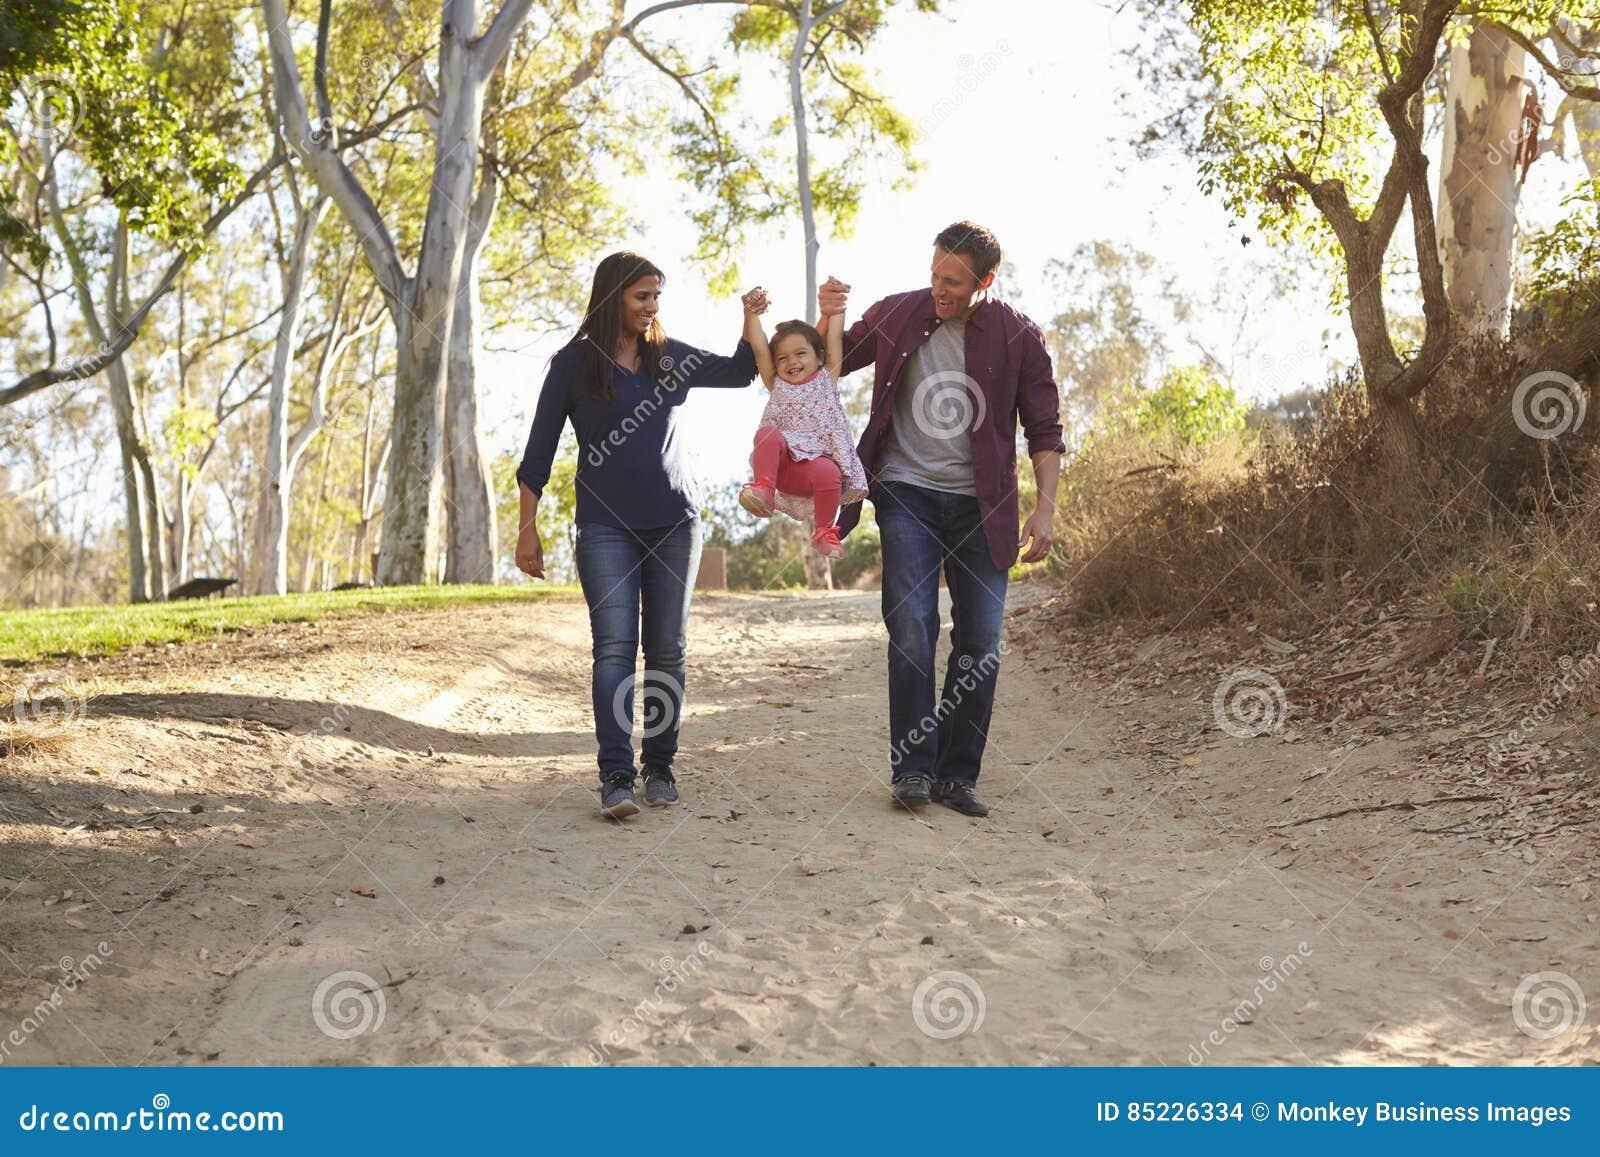 Ζεύγος που περπατά στην αγροτική ανυψωτική κόρη πορειών, πλήρες μήκος